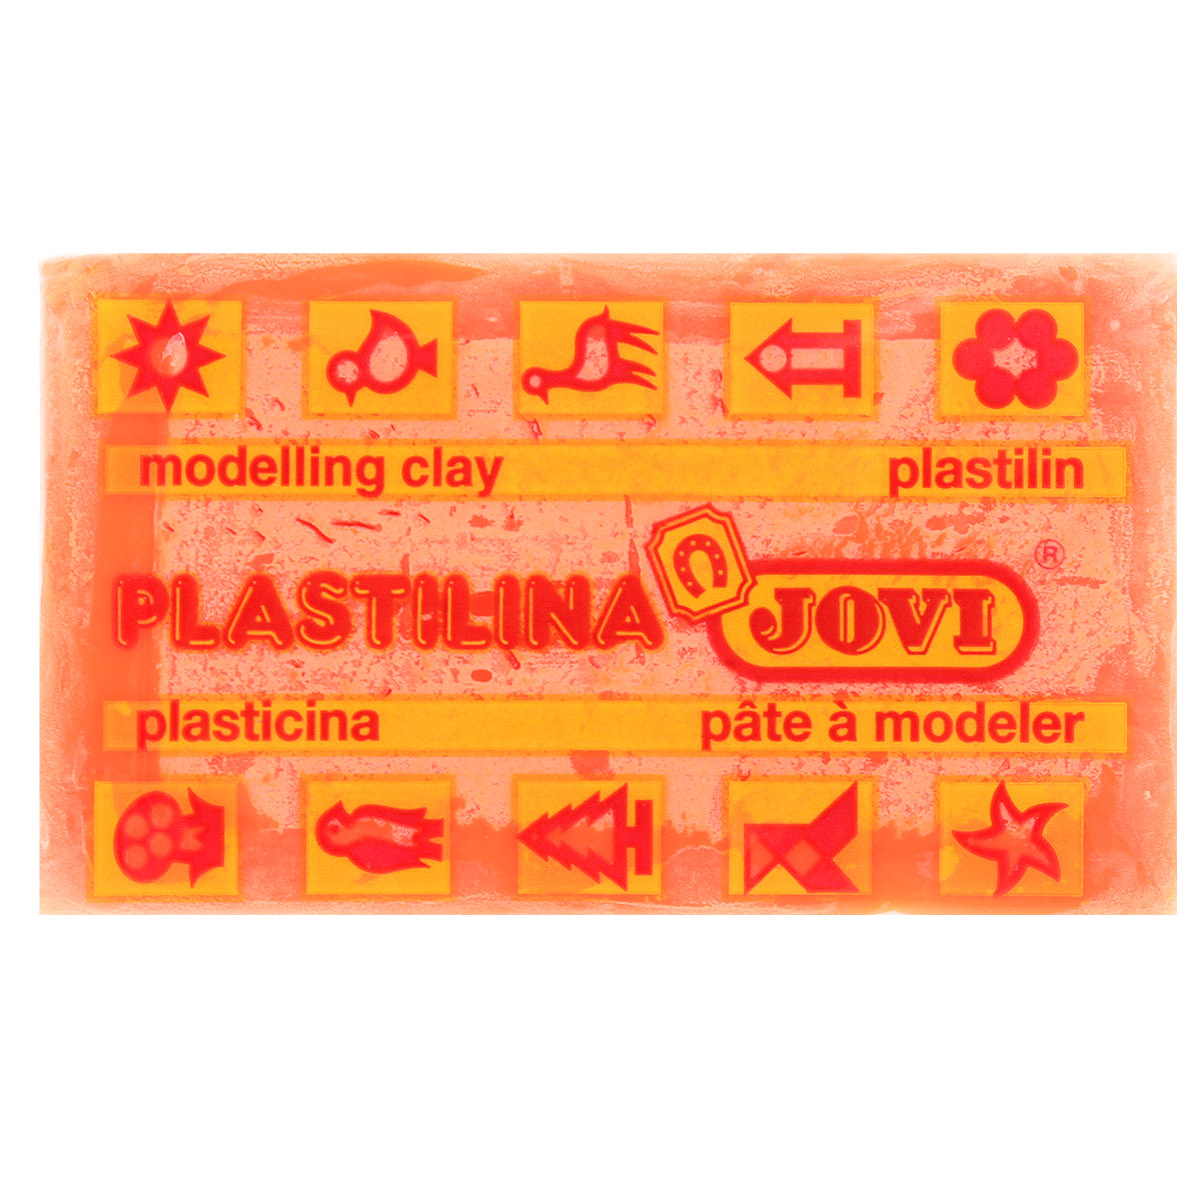 Jovi Пластилин флюоресцентный цвет оранжевый 50 г70F-U_оранжевыйПластилин Jovi - лучший выбор для лепки, он обладает превосходными изобразительными возможностями и поэтому дает простор воображению и самым смелым творческим замыслам. Пластилин, изготовленный на растительной основе, очень мягкий, легко разминается и смешивается, не пачкает руки и не прилипает к рабочей поверхности. Пластилин пригоден для создания аппликаций и поделок, ручной лепки, моделирования на каркасе, пластилиновой живописи - рисовании пластилином по бумаге, картону, дереву или текстилю. Пластические свойства сохраняются в течение 5 лет.